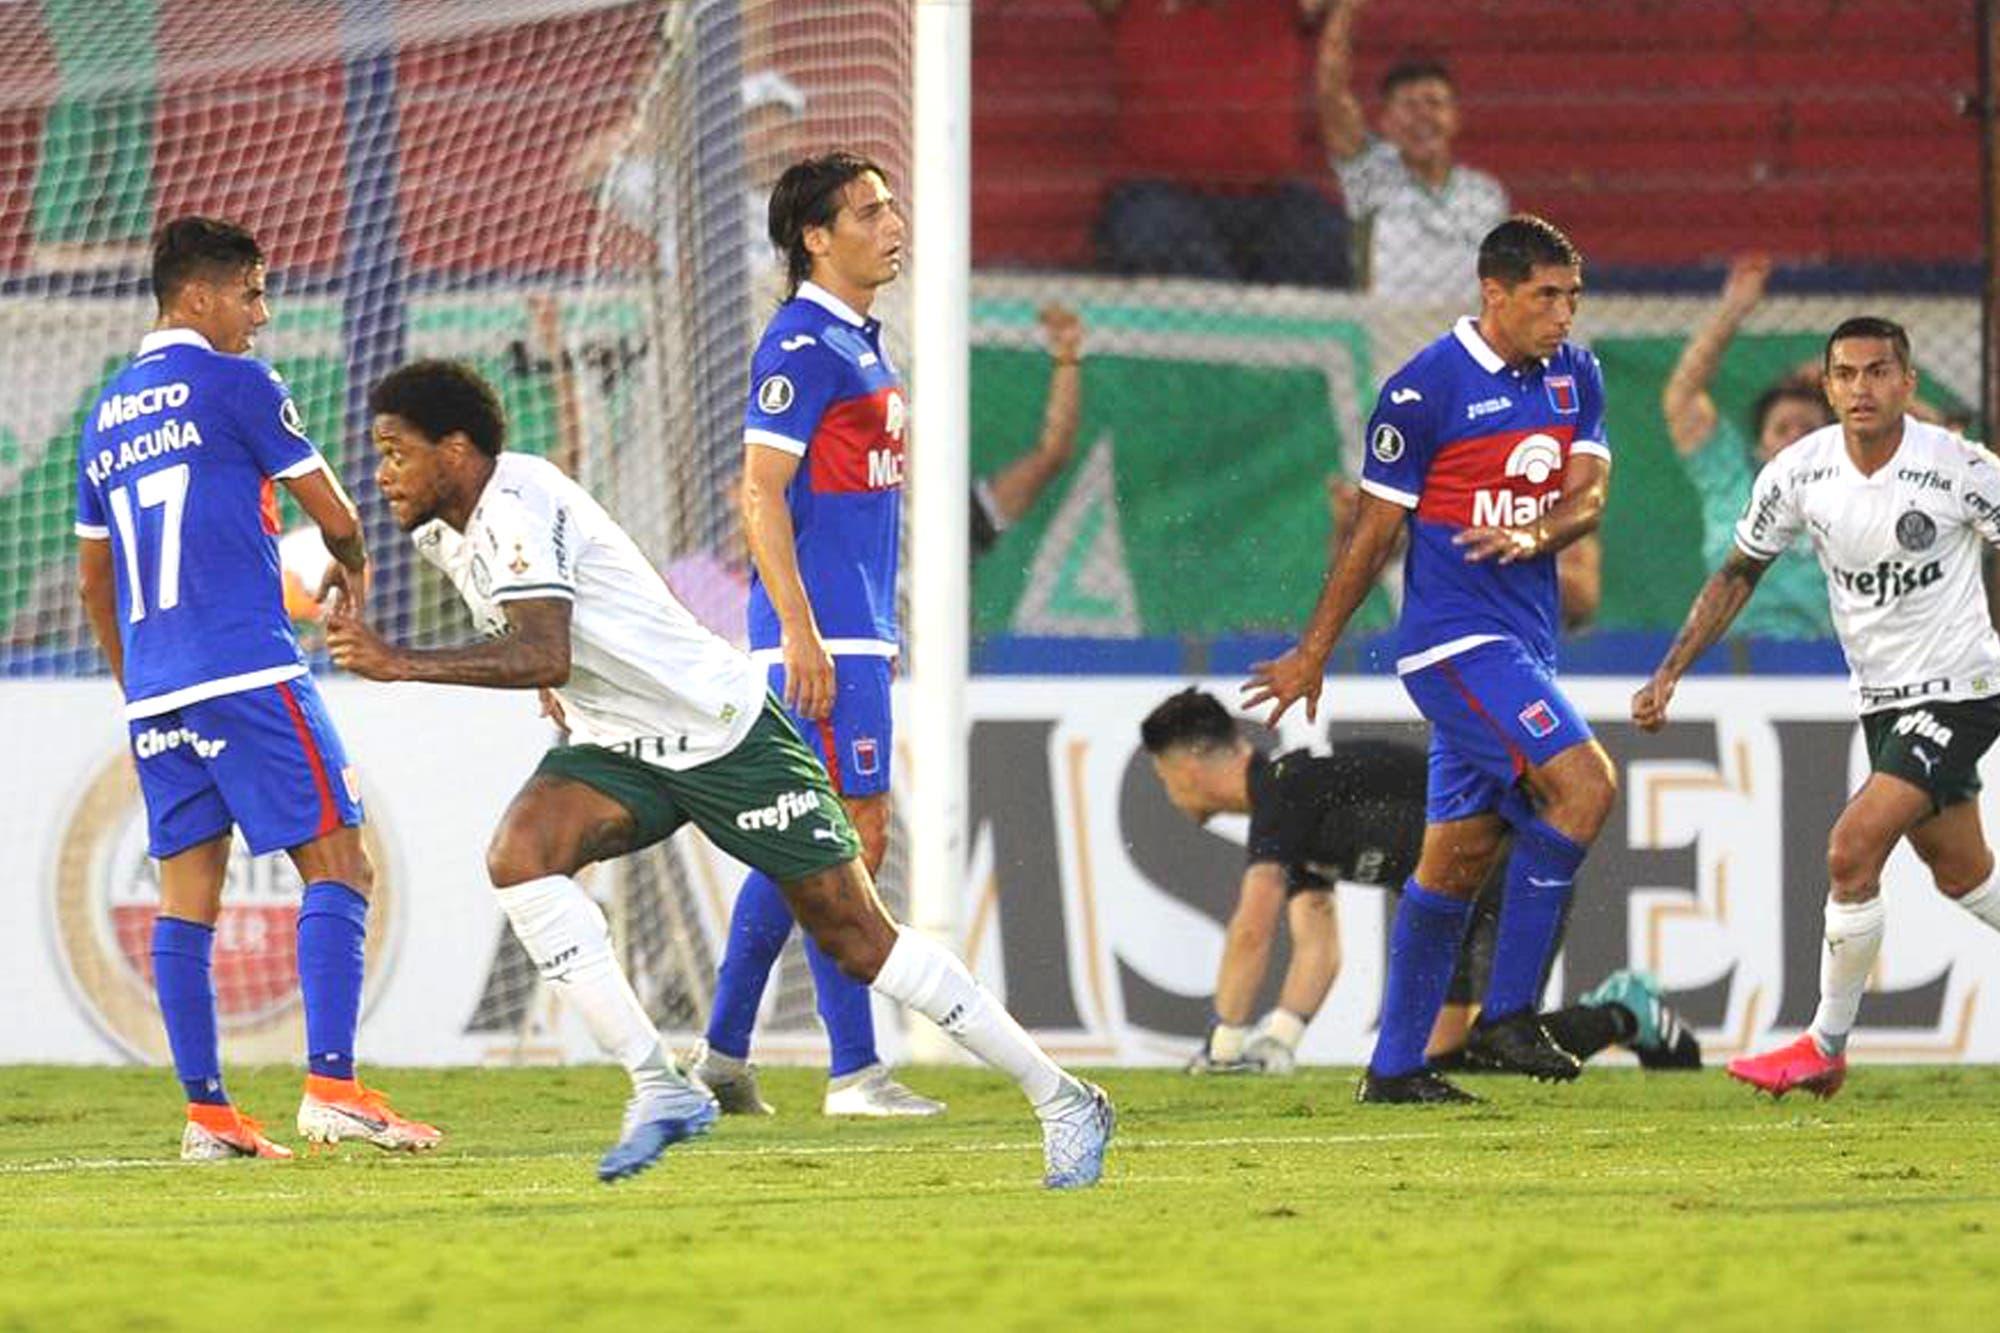 Tigre-Palmeiras, por la Copa Libertadores: el equipo argentino cae en su debut copero